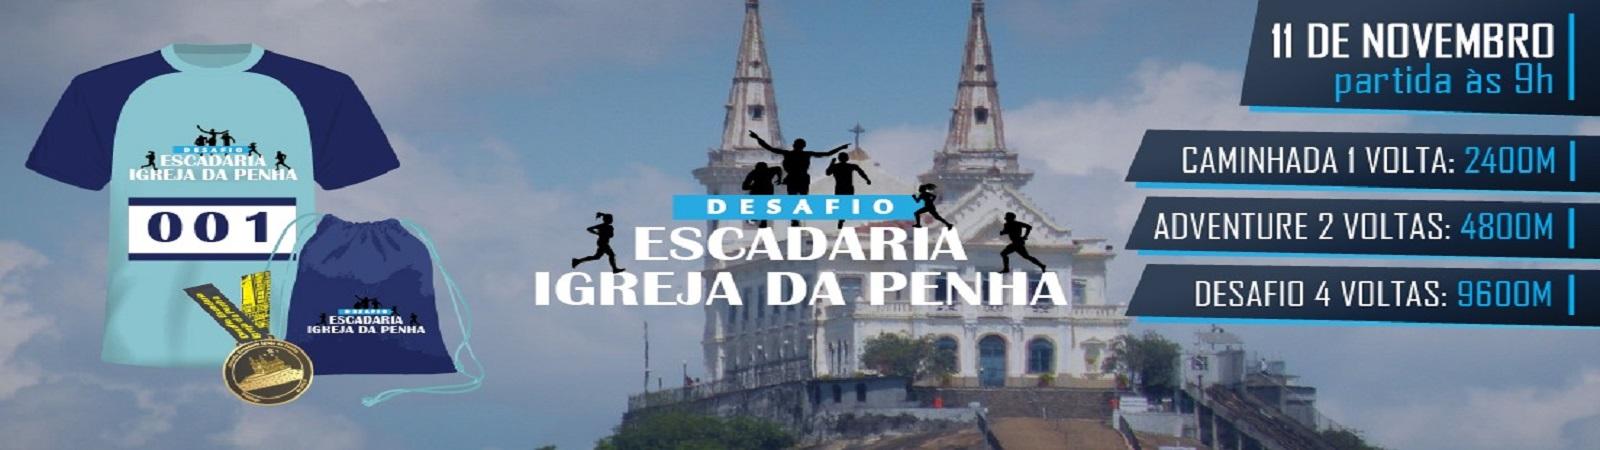 Desafio Escadaria Igreja da Penha